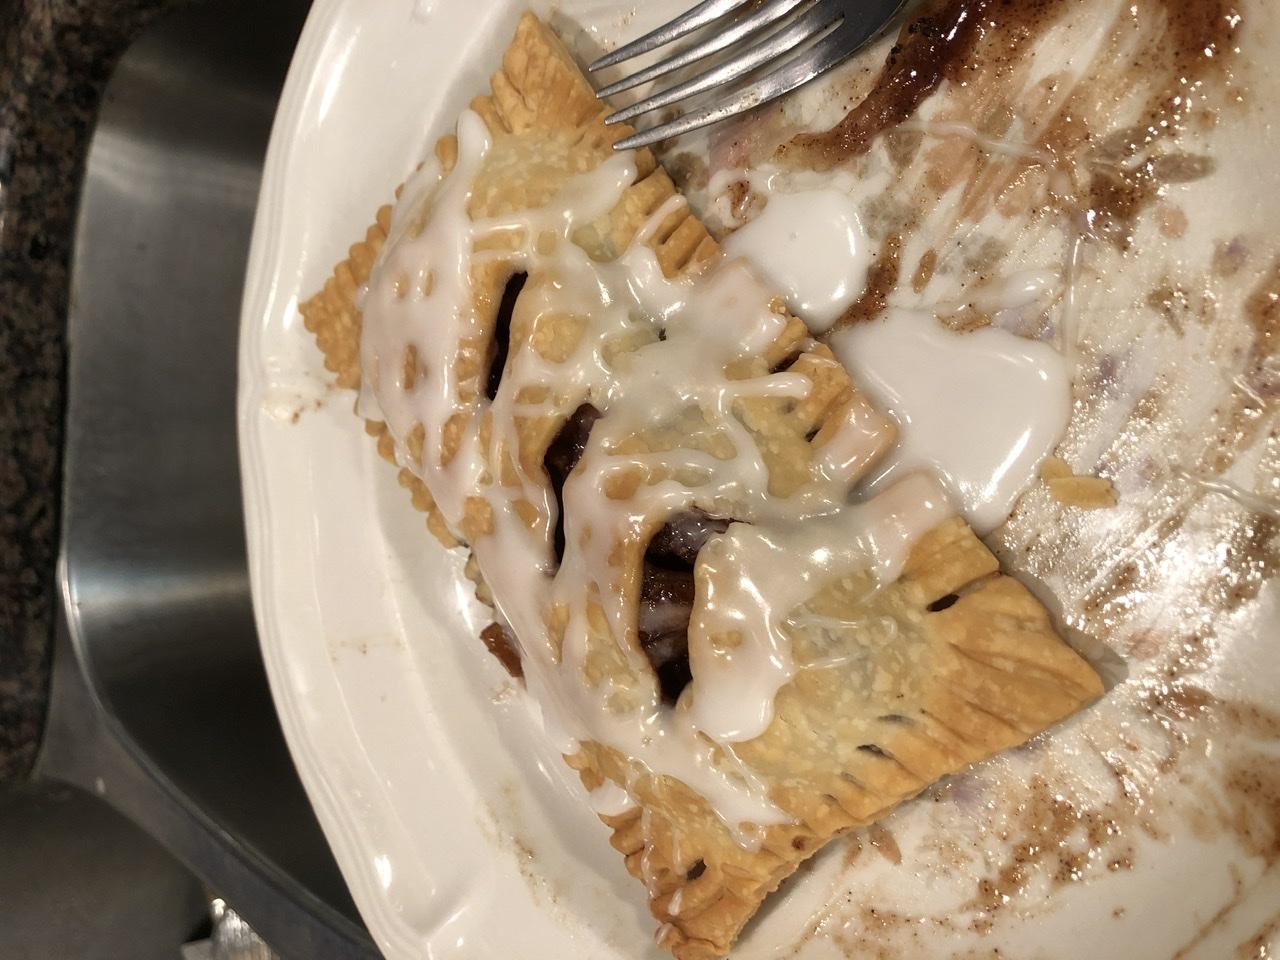 air fryer apple pies recipe